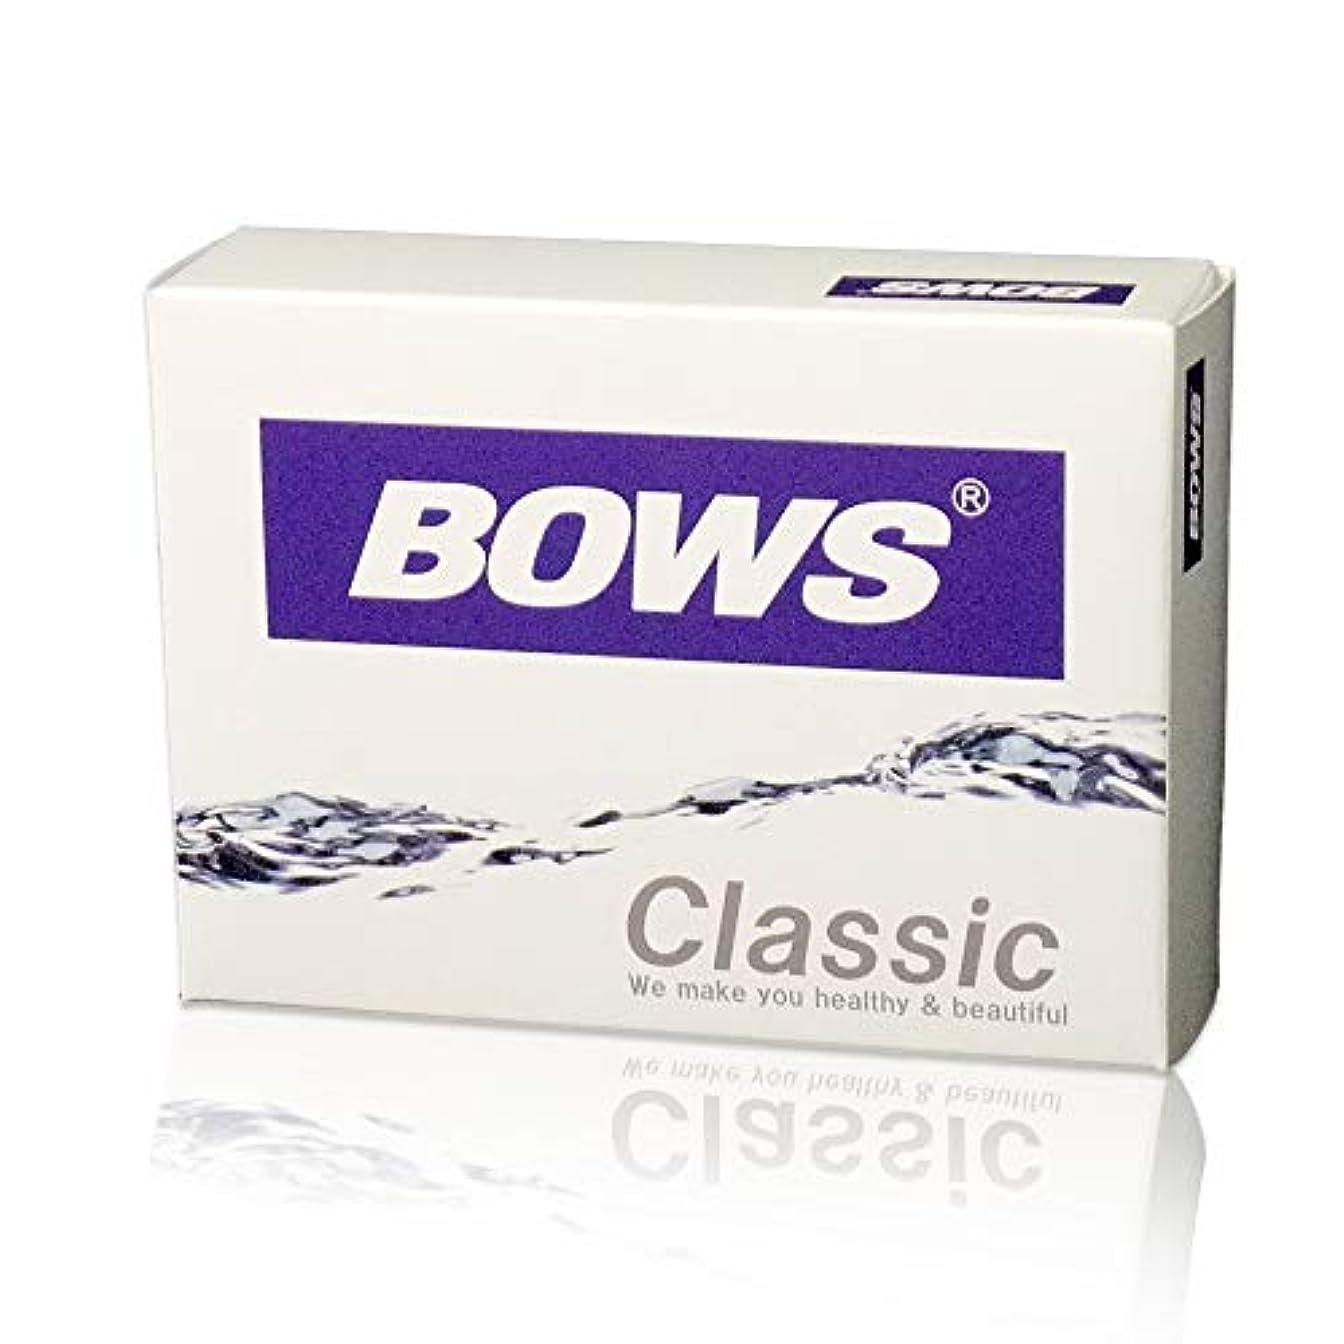 特別な音楽法的BOWS Classic(ボウス クラシック) 90g (30包)